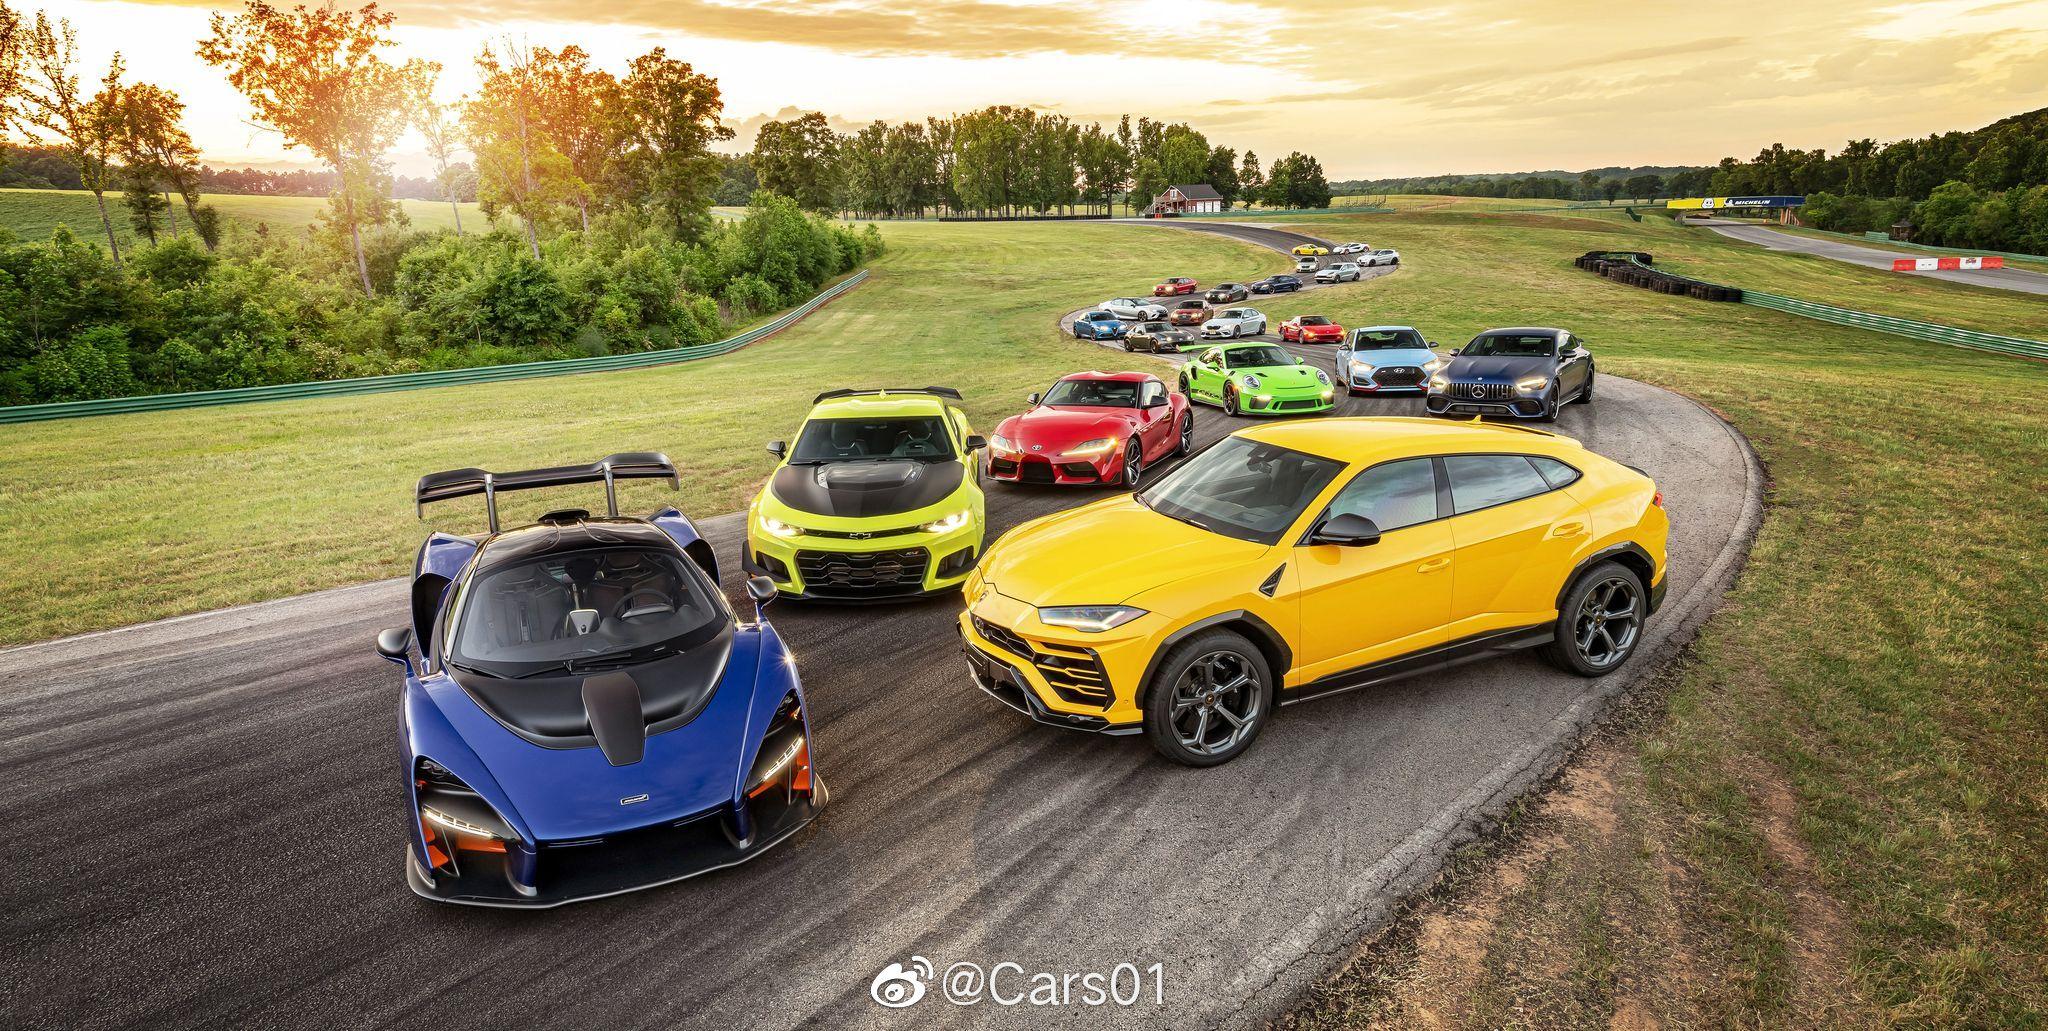 美国著名汽车杂志Car and Drive一年一度的Lightning Lap在弗吉尼亚国